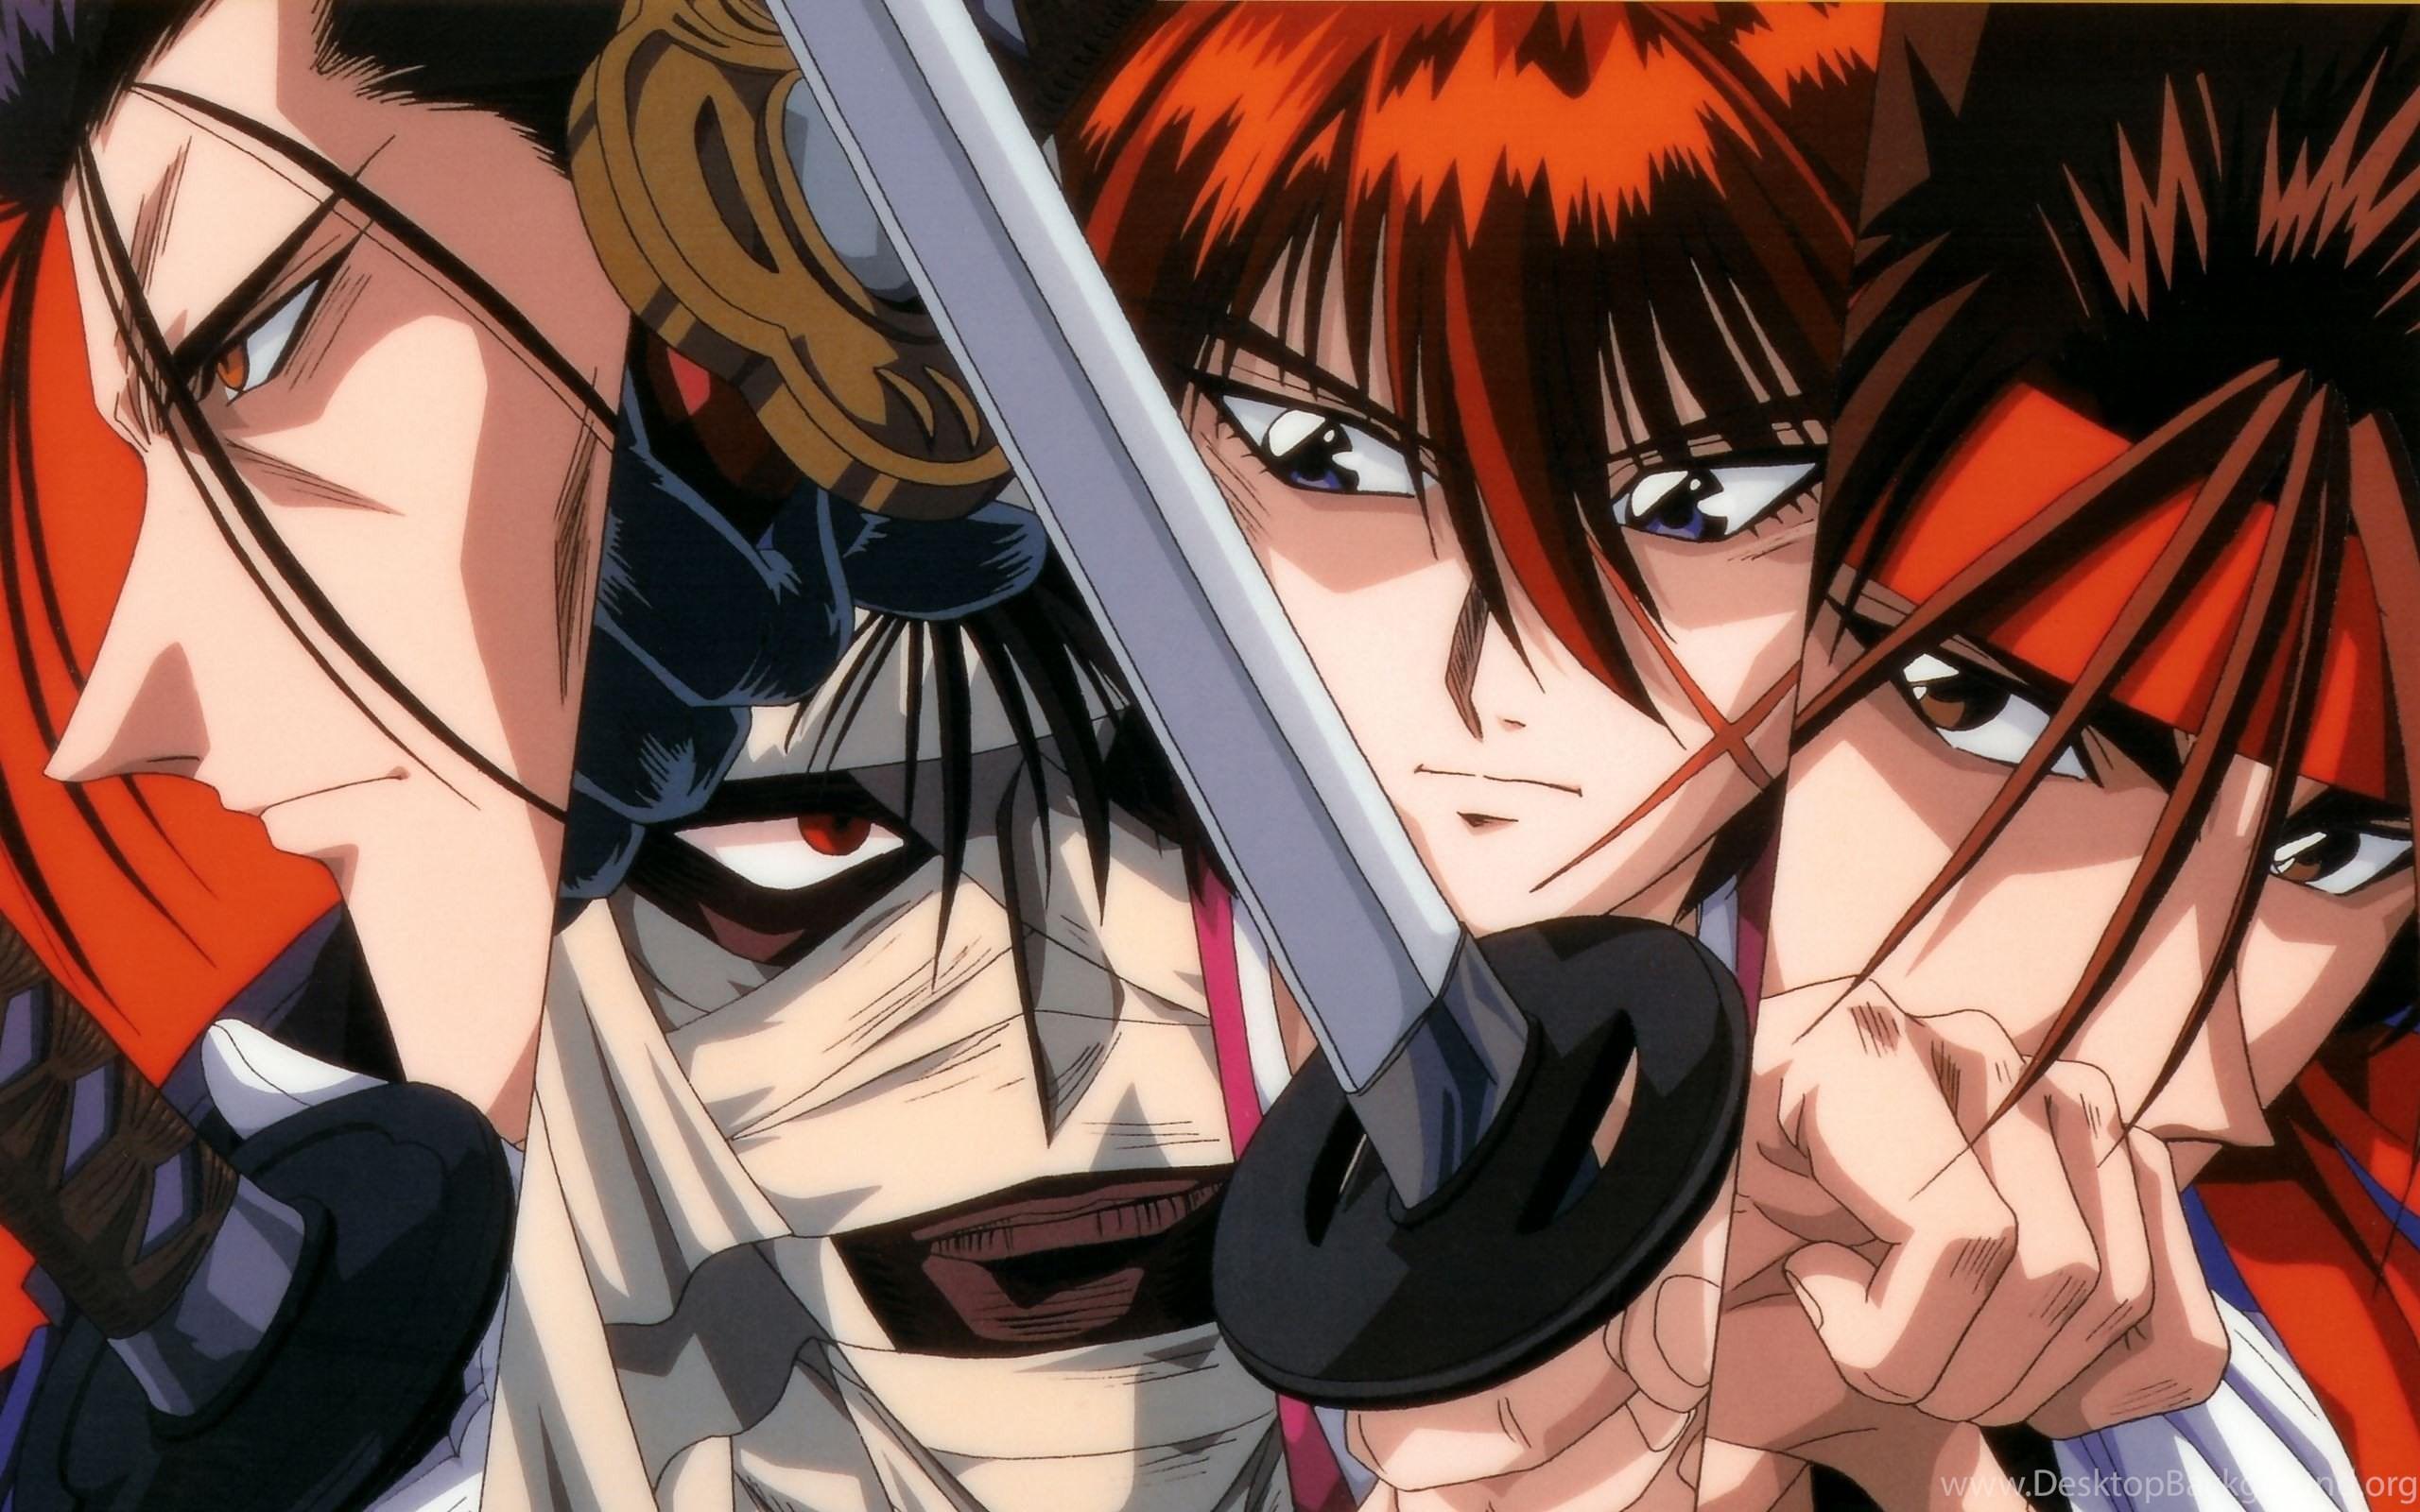 Kenshin Himura Wallpaper (55+ images)